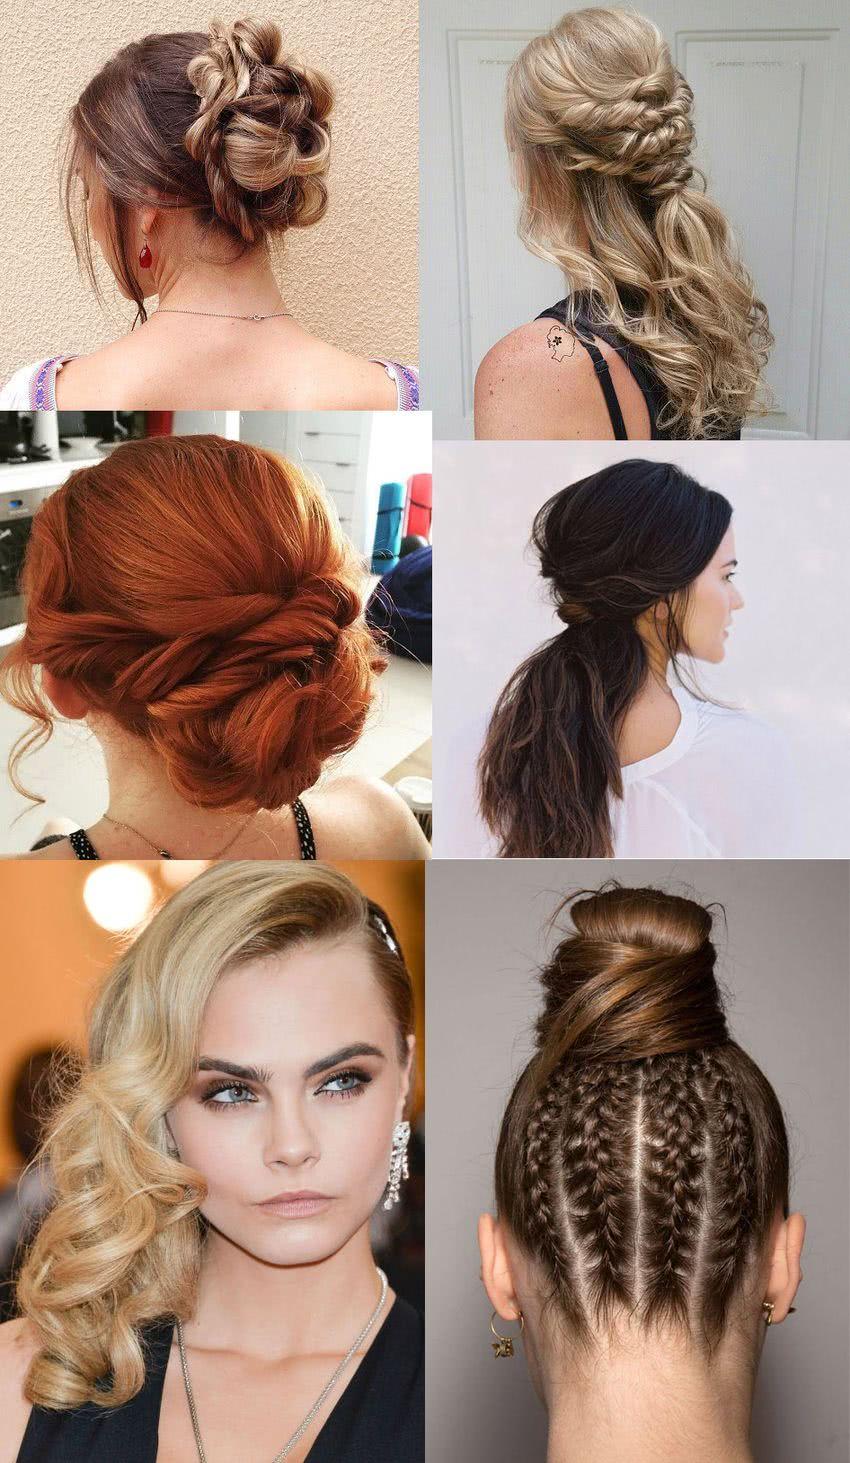 Peinados para bodas 2019 tendencias y 70 fotos - Peinados elegantes para una boda ...